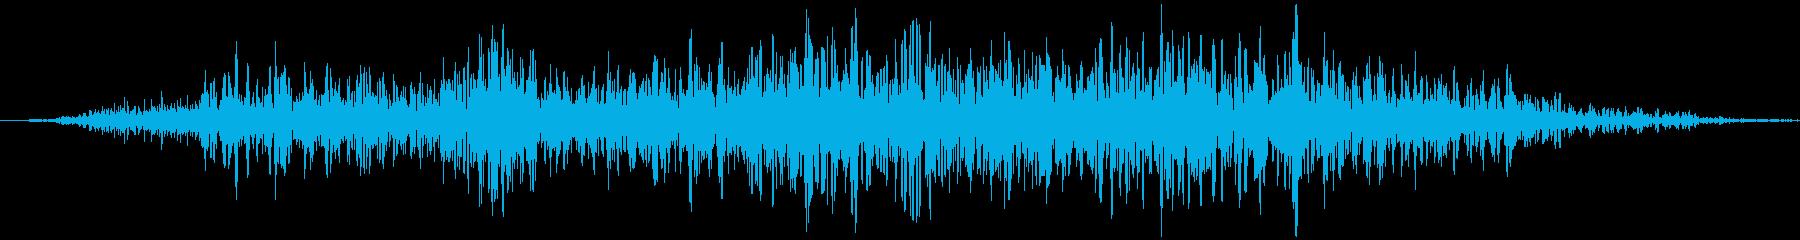 ふすま (開ける、閉める) ガラッの再生済みの波形